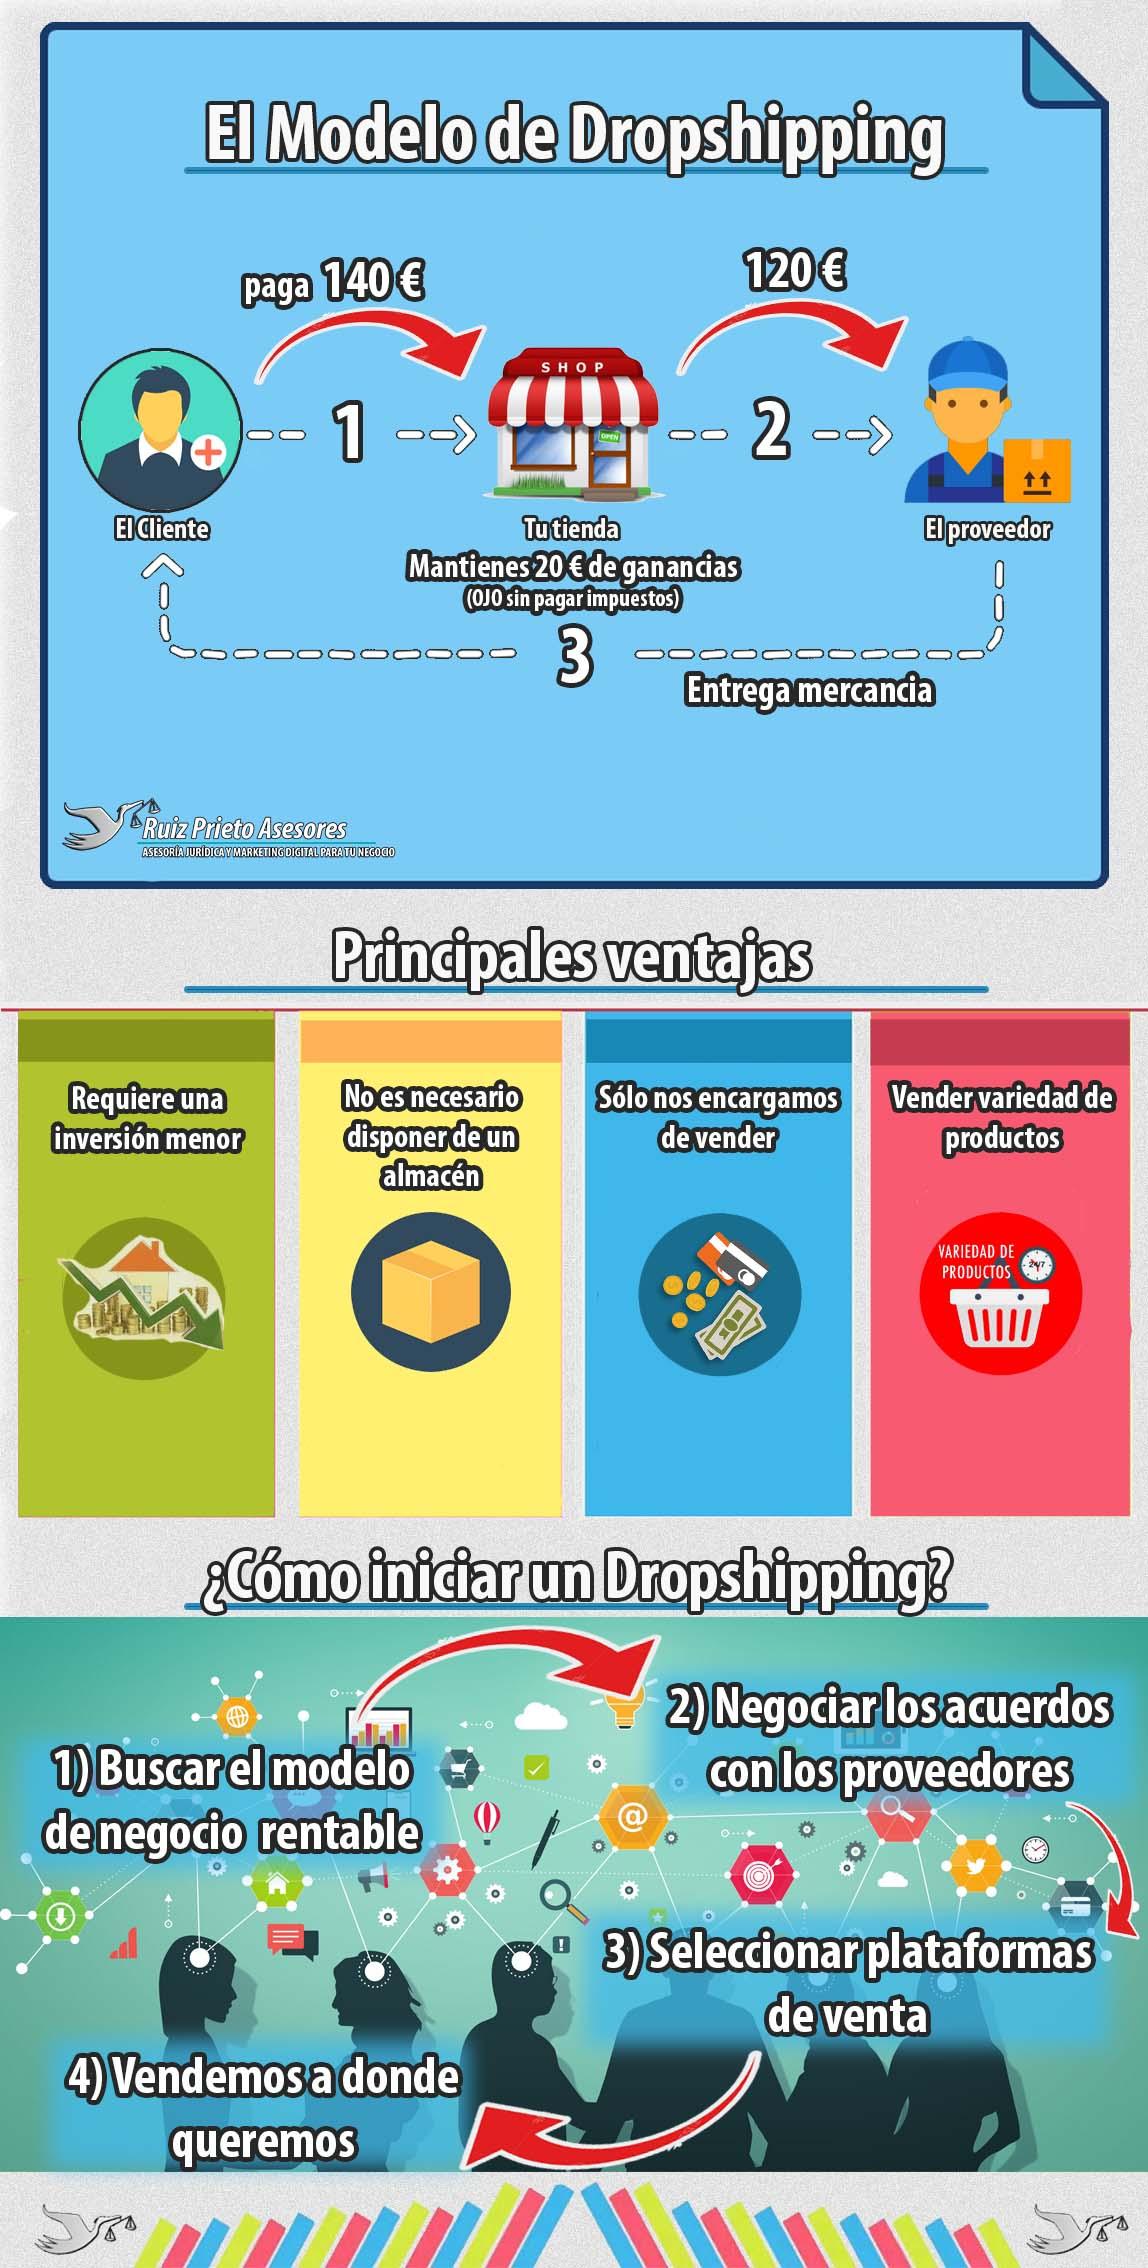 dropshipping: concepto y principales ventajas e inconvenientes